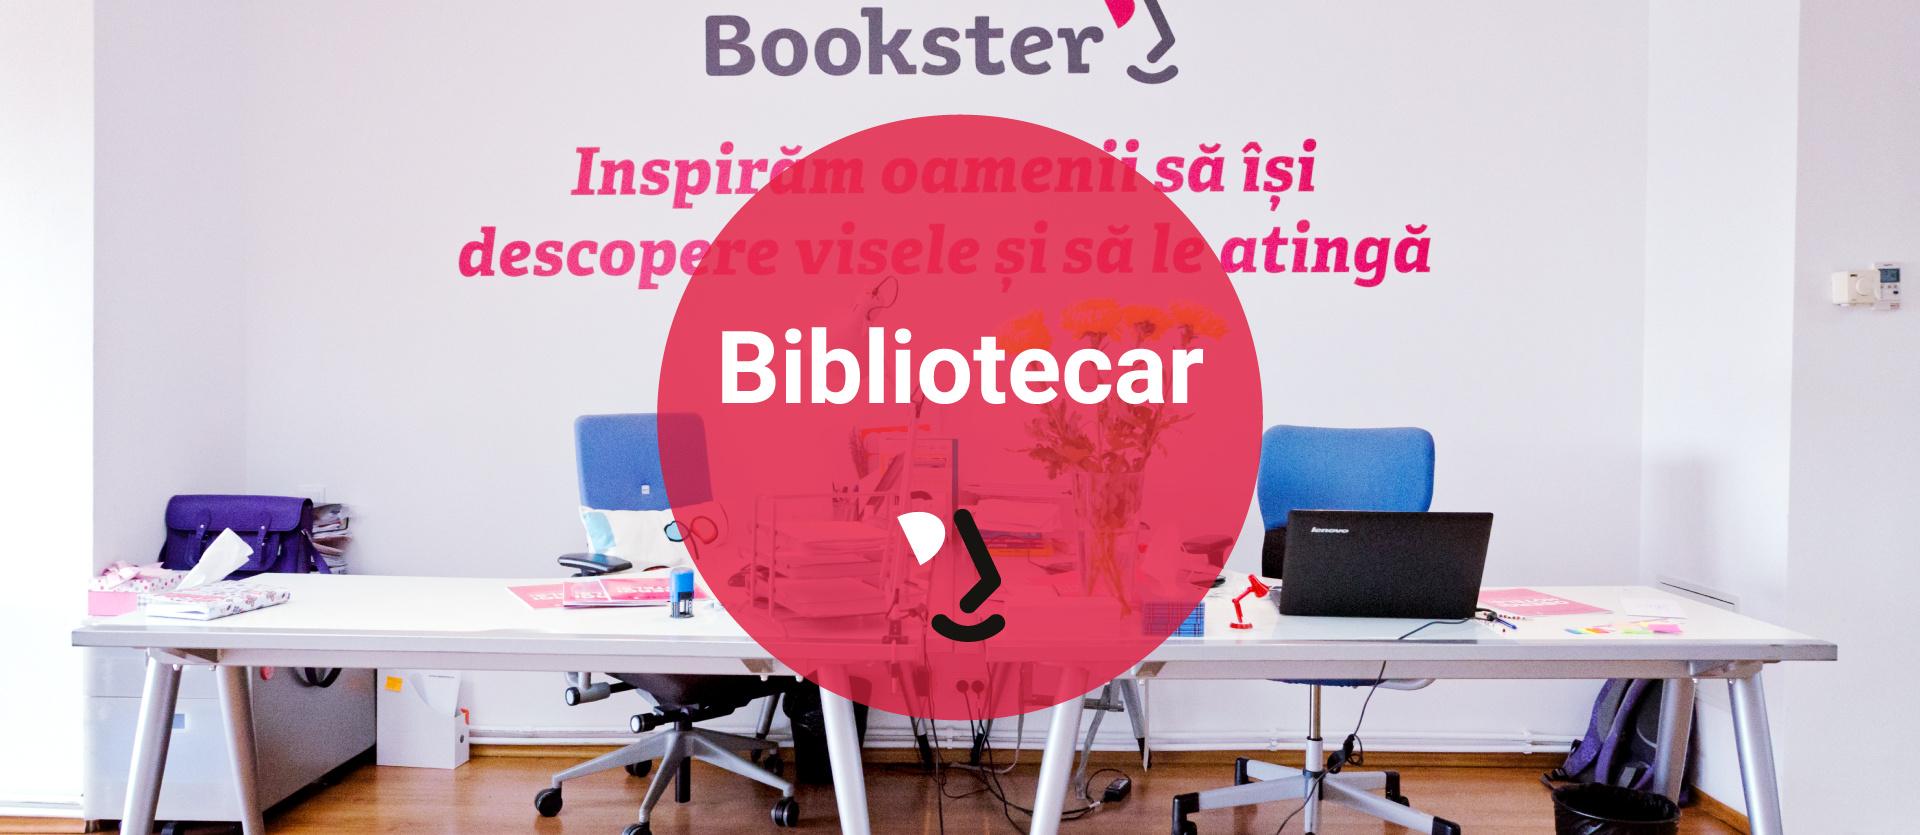 Bibliotecar_BestJobs